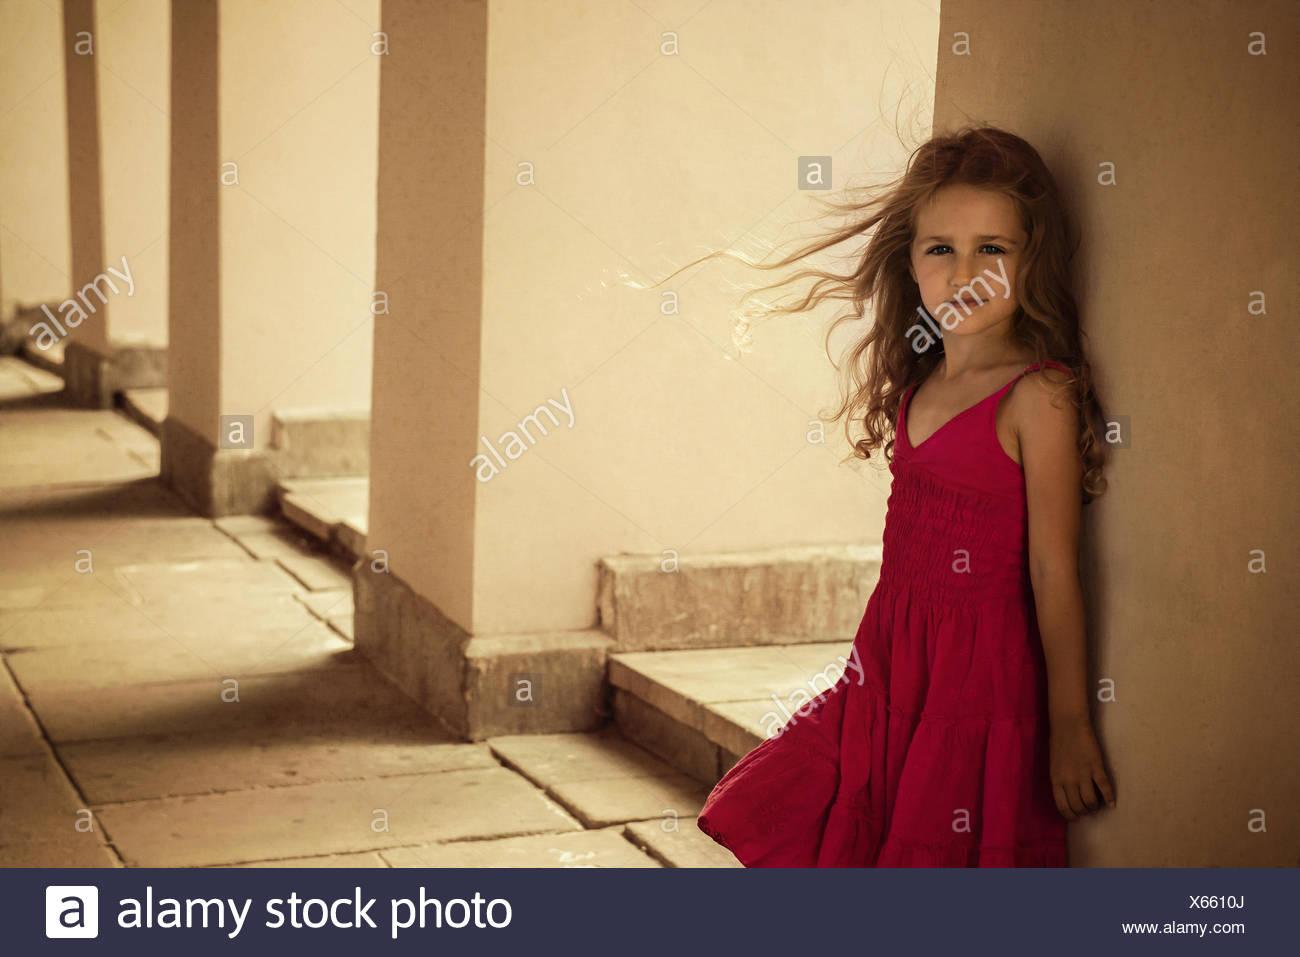 Mädchen (4-5) posiert in roten Kleid Stockfoto